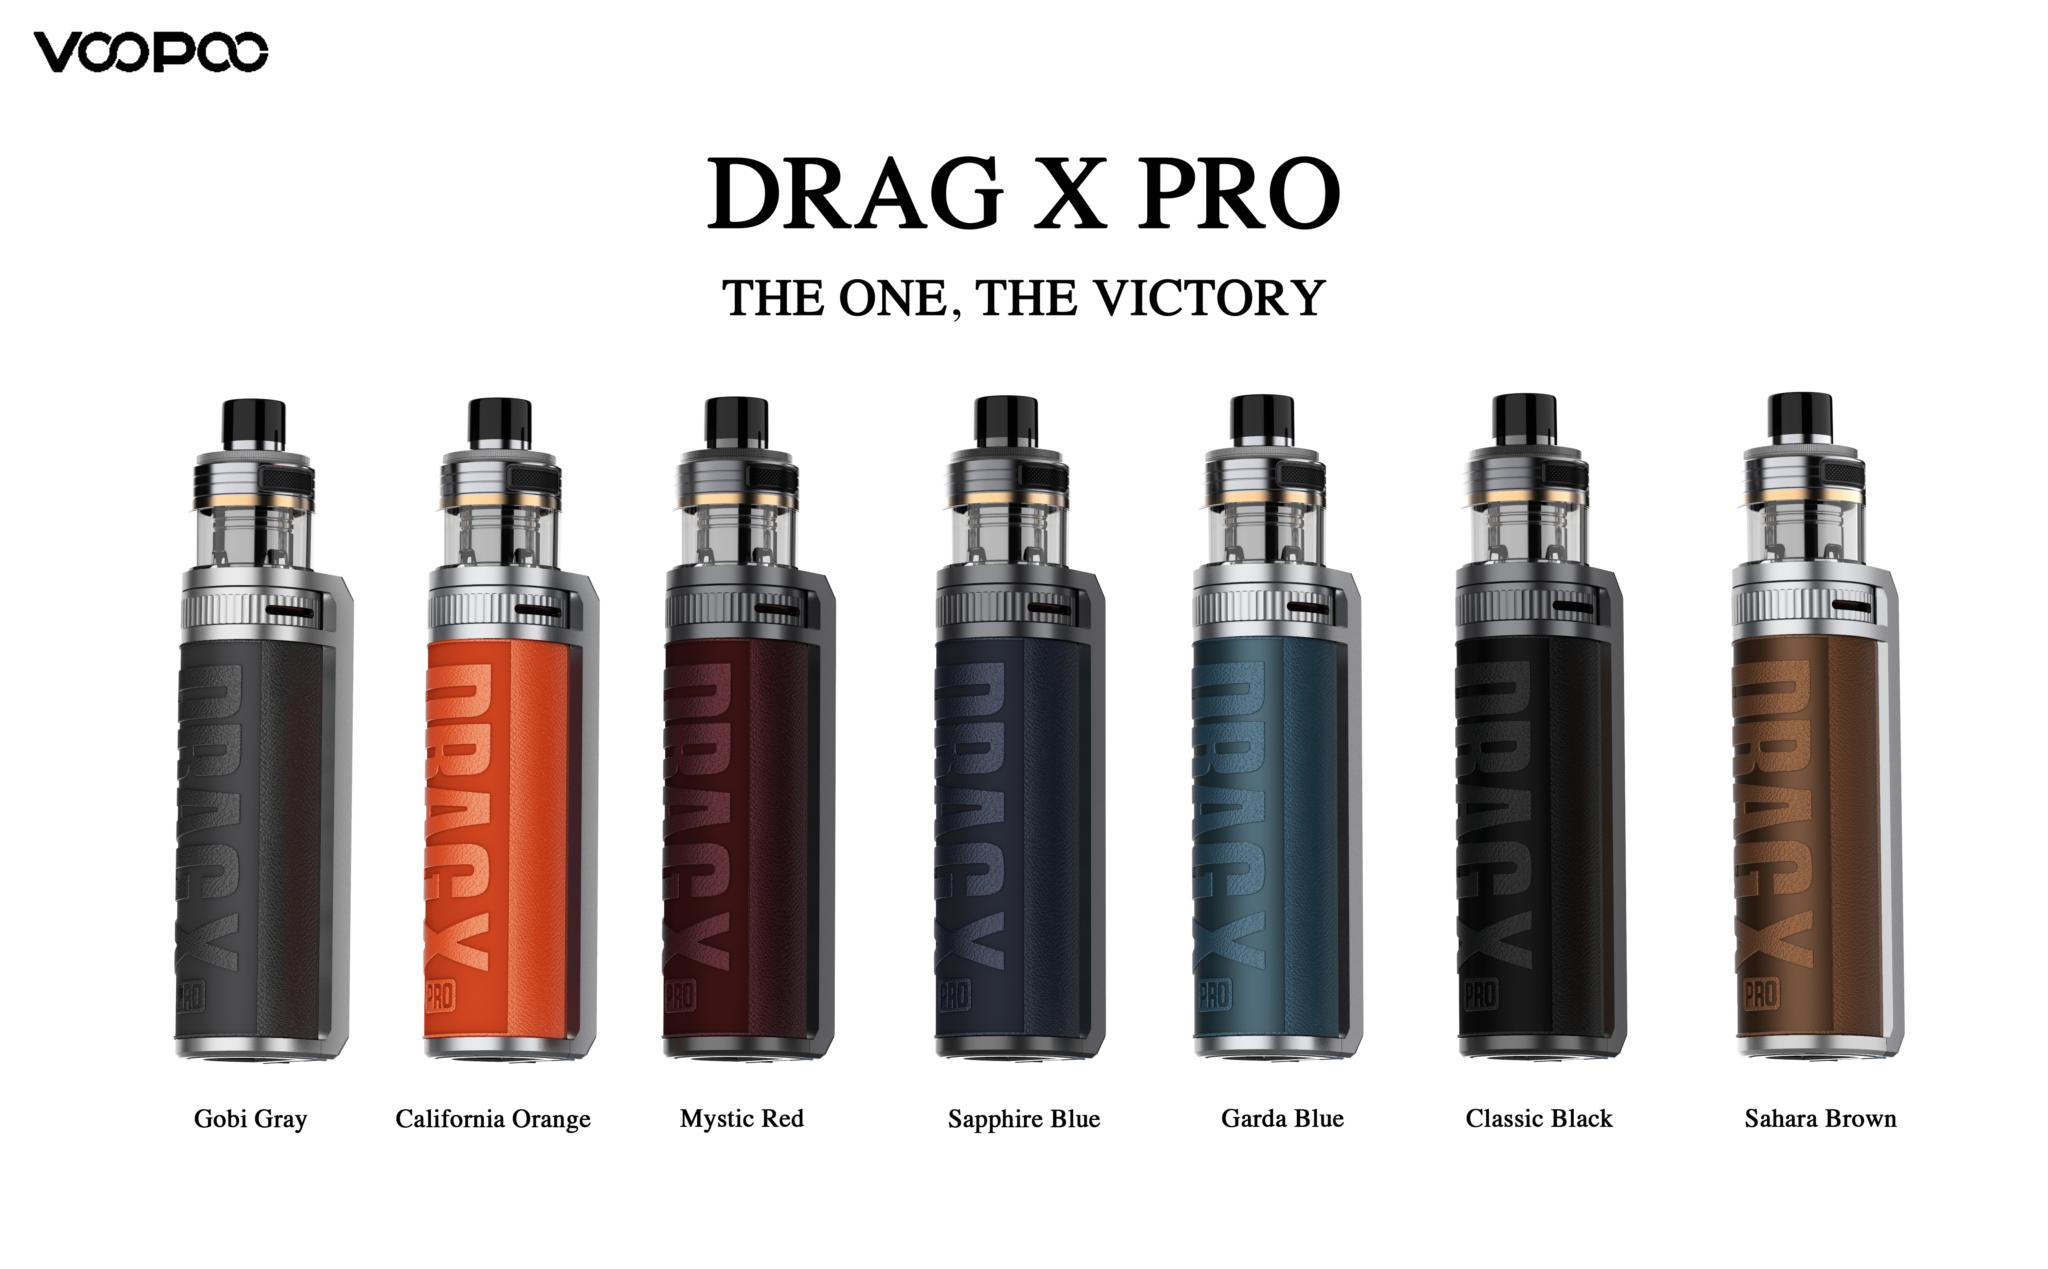 Drag X Pro 100W - Voopoo Colores